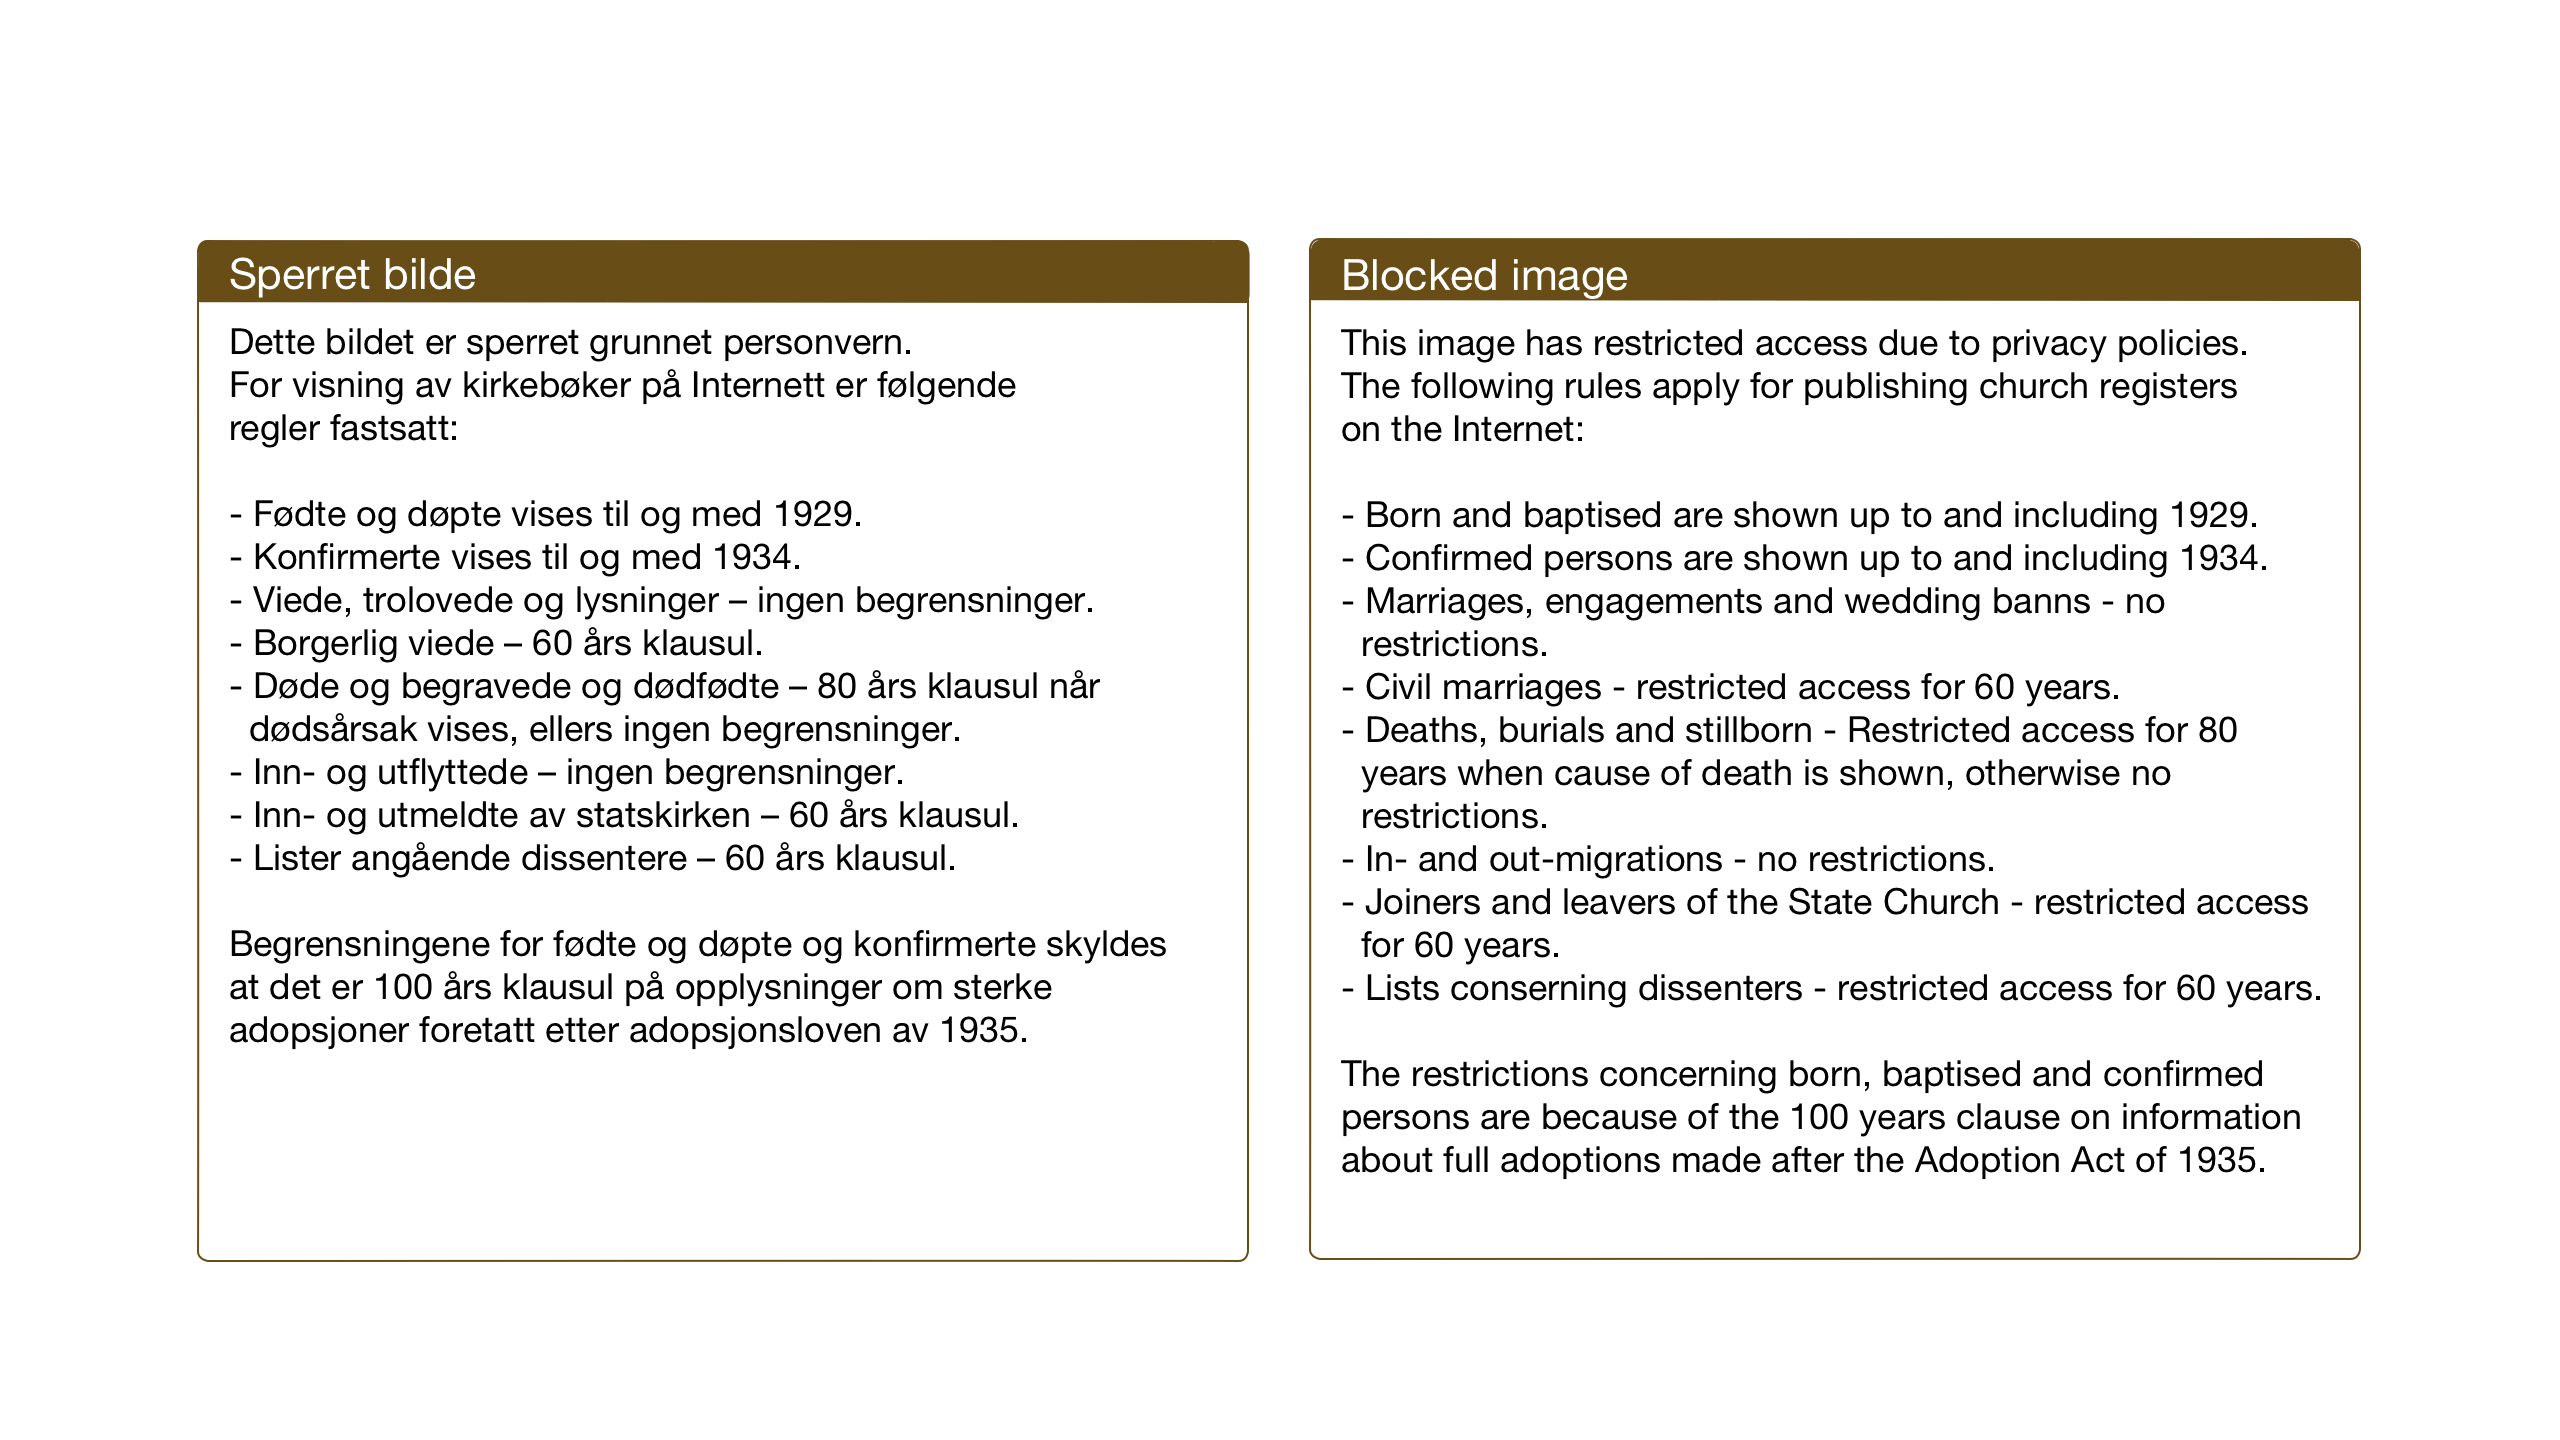 SAT, Ministerialprotokoller, klokkerbøker og fødselsregistre - Sør-Trøndelag, 615/L0401: Klokkerbok nr. 615C02, 1922-1941, s. 53